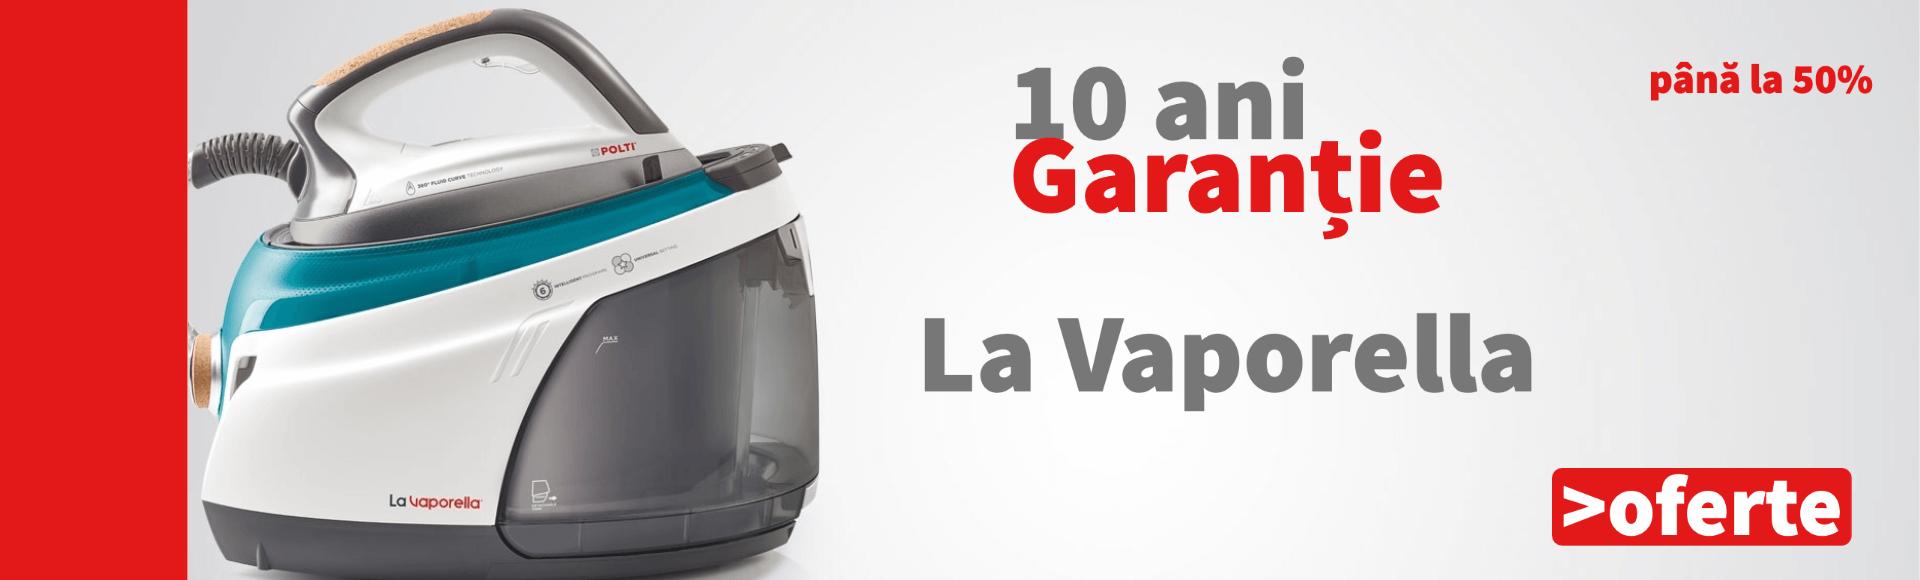 10 Ani Garanție pentru Stațiile de călcat La Vaporella! Află mai mult